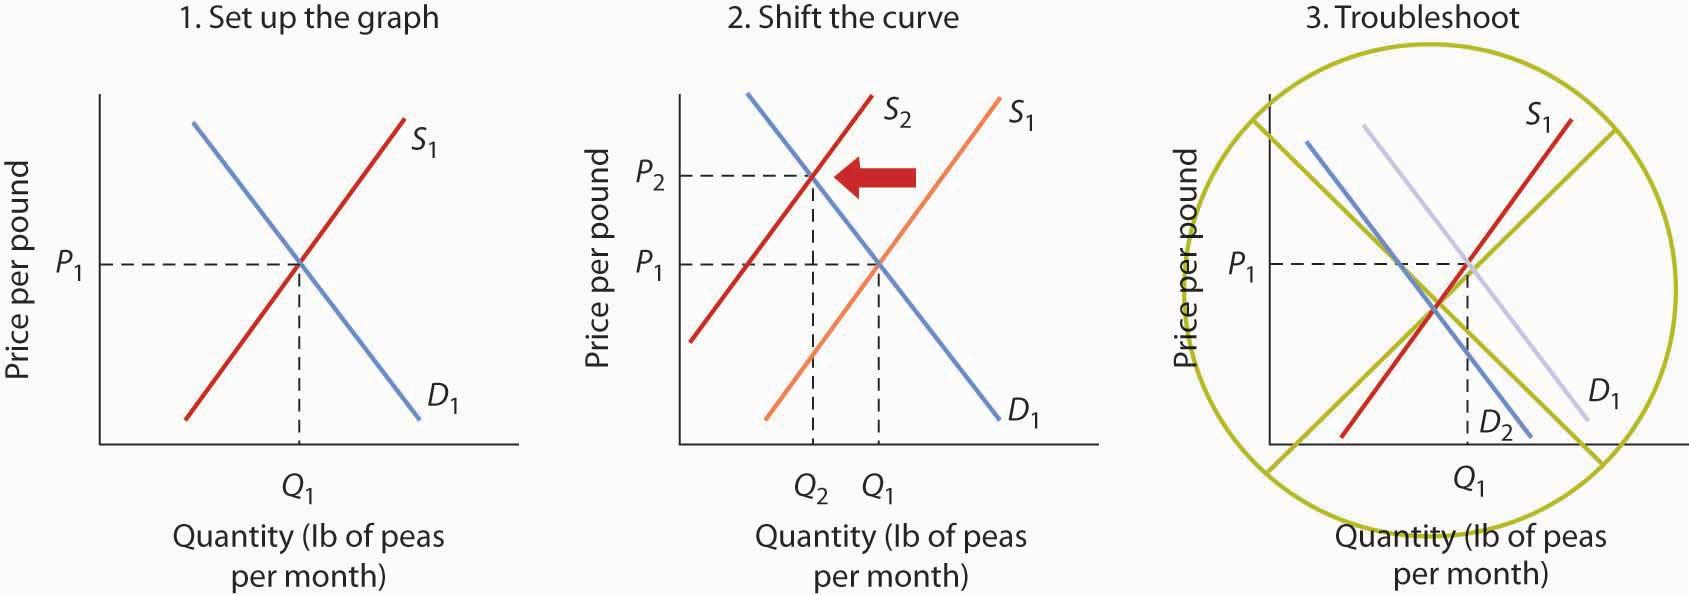 Quantity of peas